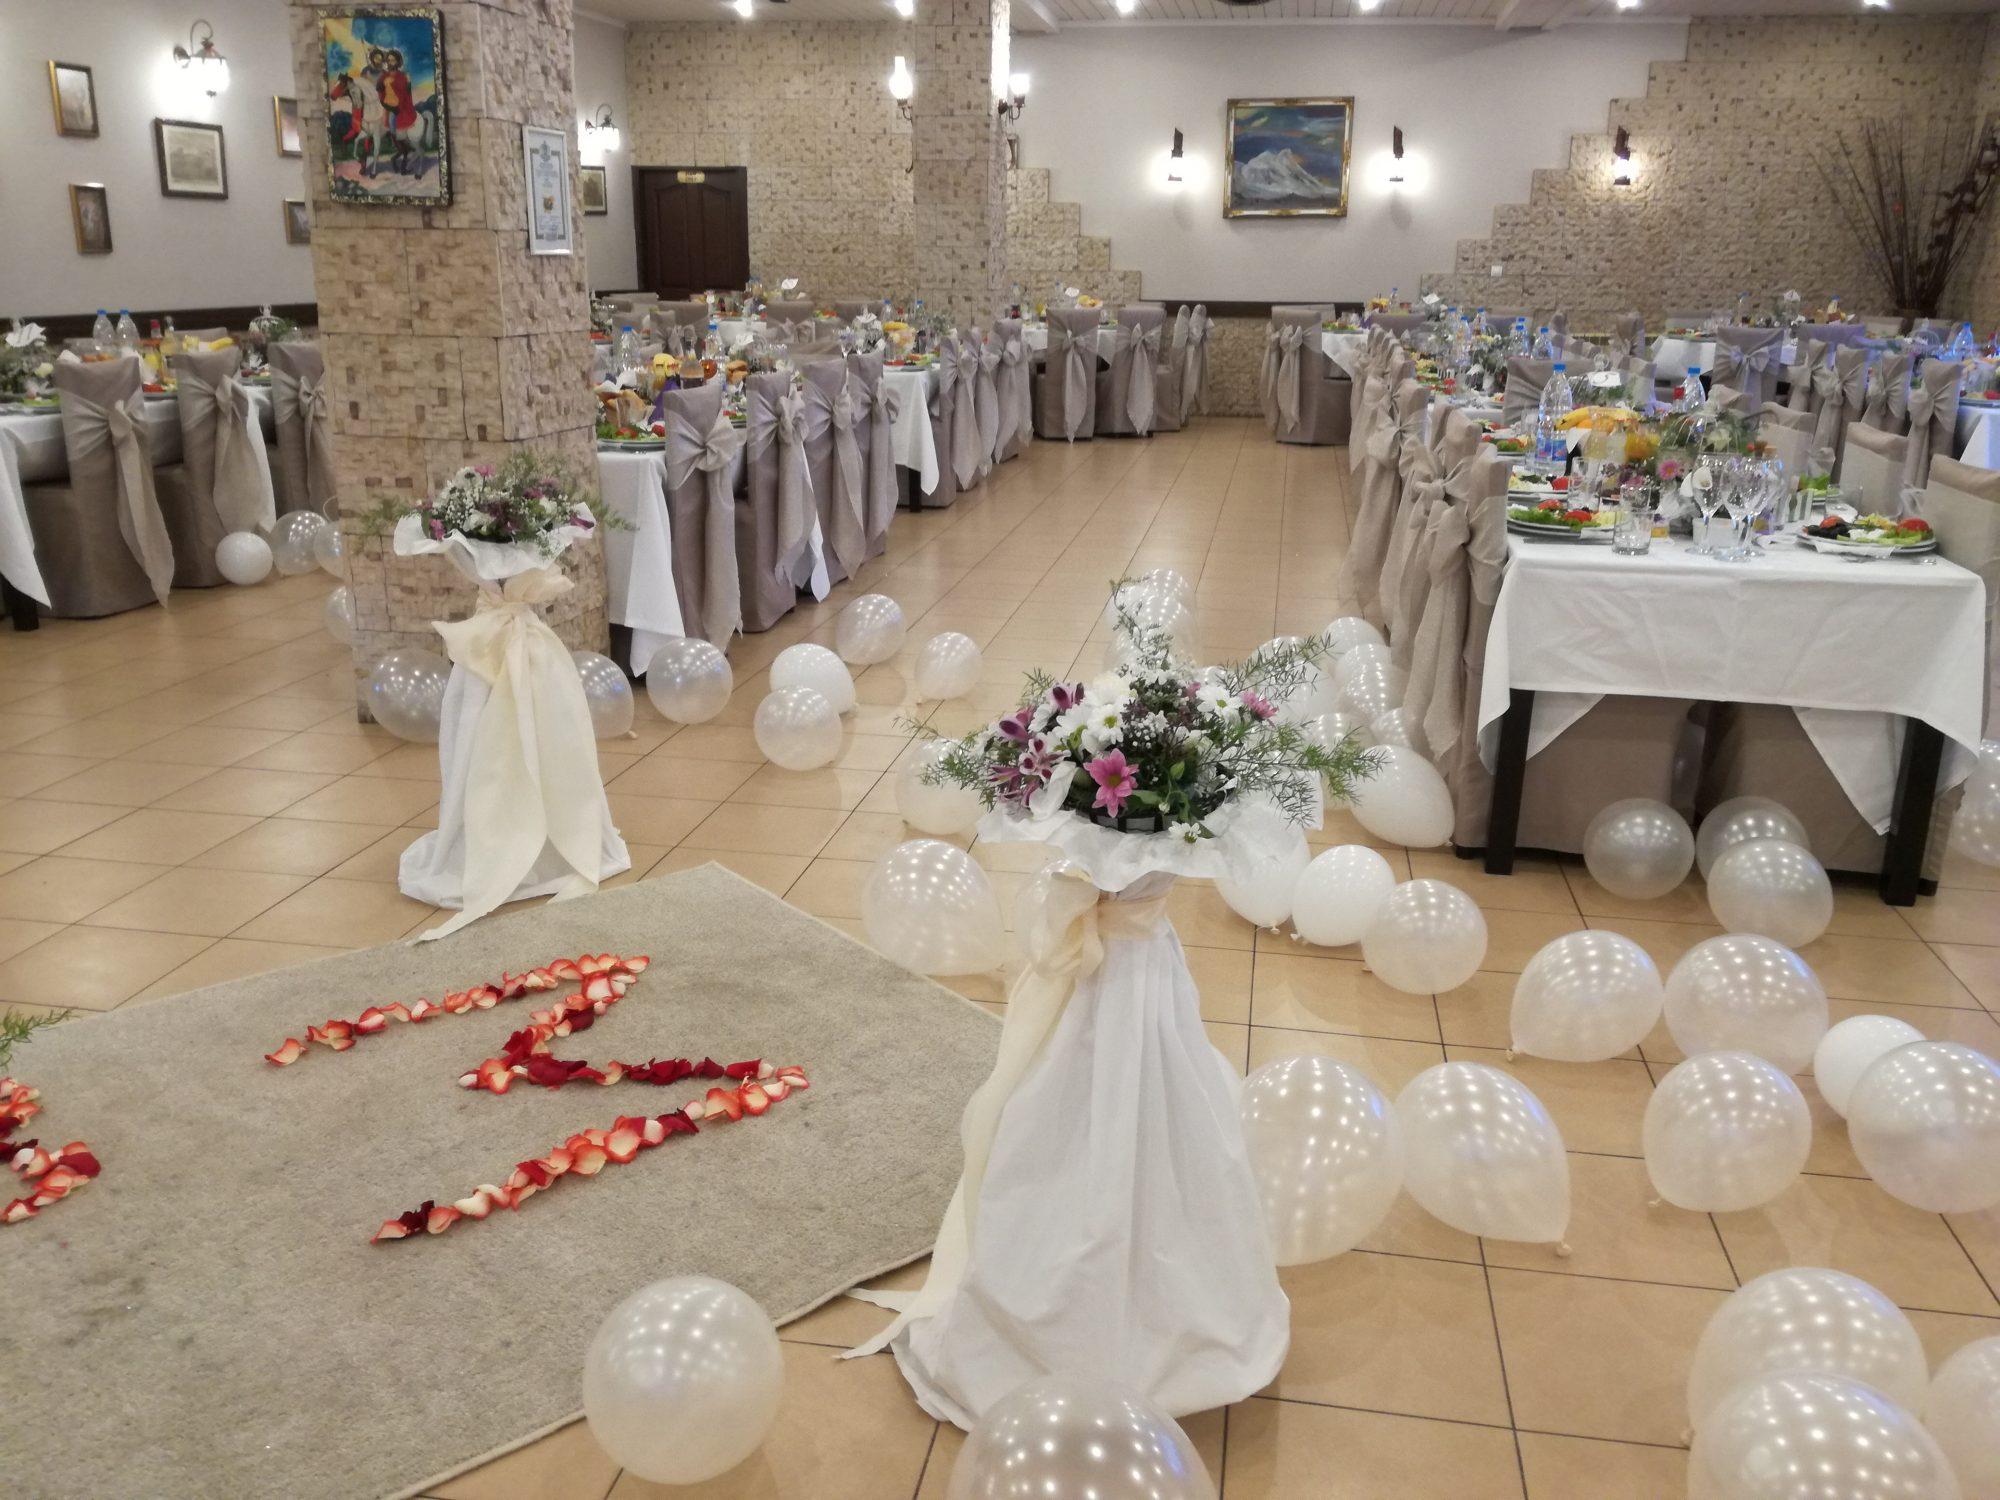 organizirane-na-svatbi-25